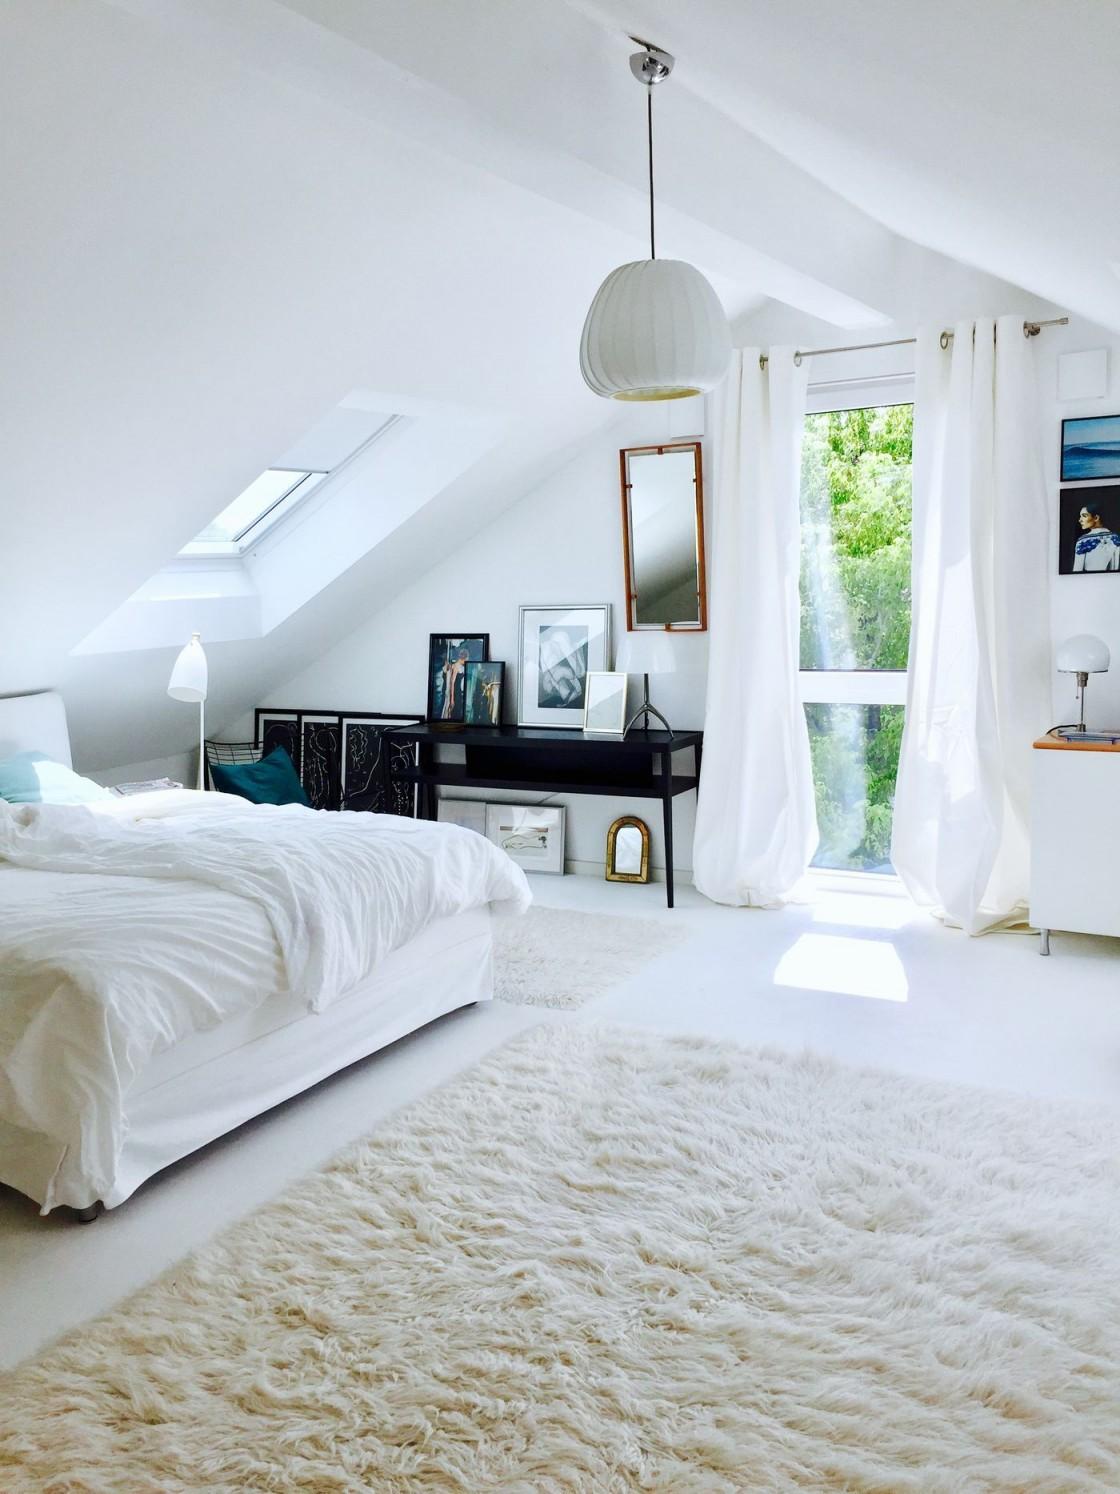 Die Besten Ideen Für Die Wandgestaltung Im Schlafzimmer von Schlafzimmer Ideen Wandgestaltung Bild